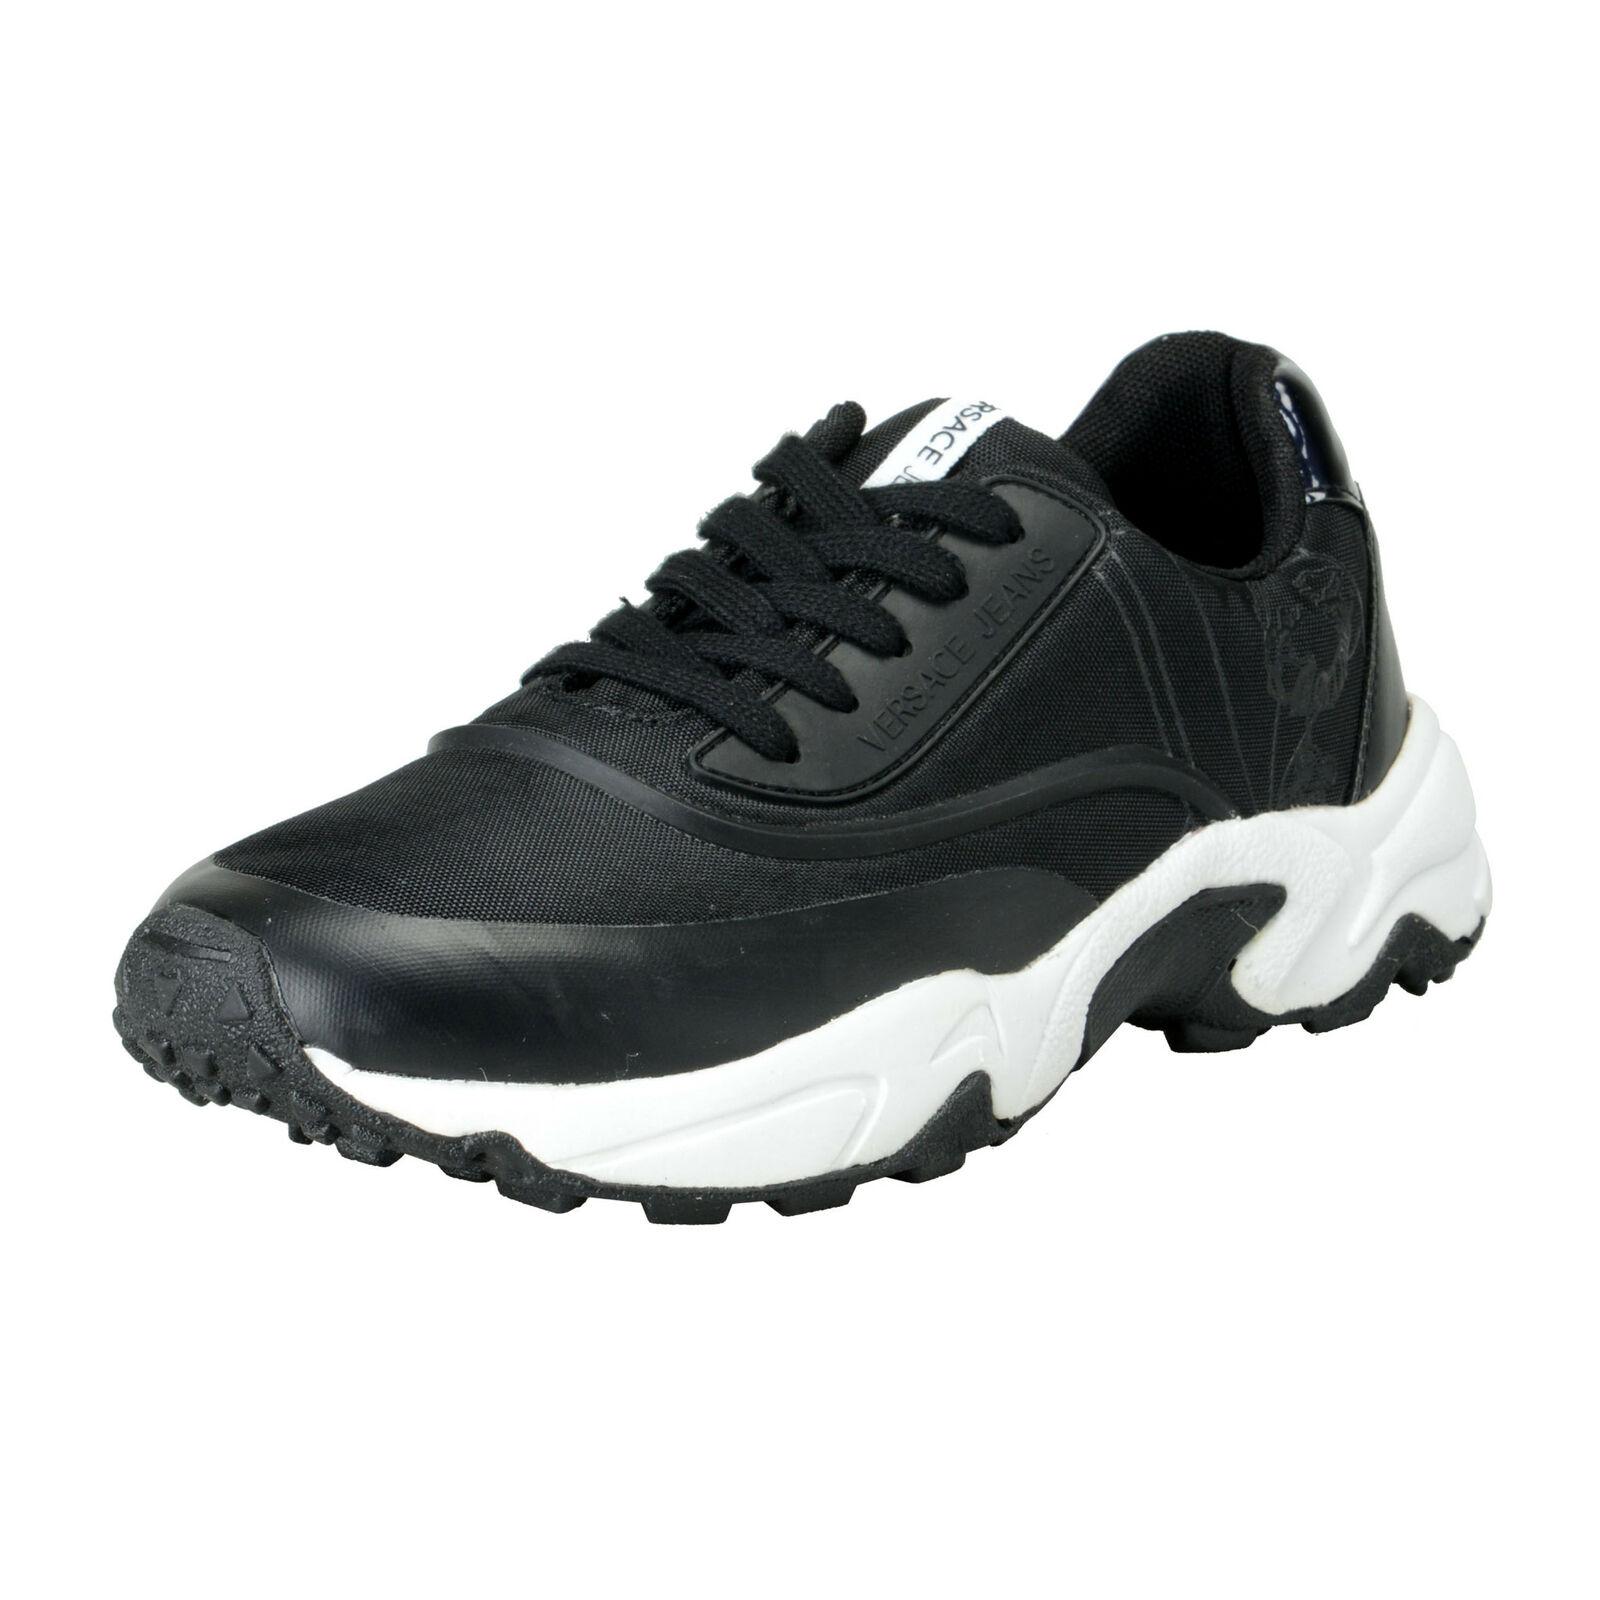 Versace Jeans para Hombre Malla Negra Moda tenis zapatos talla 7 8 9 10 11